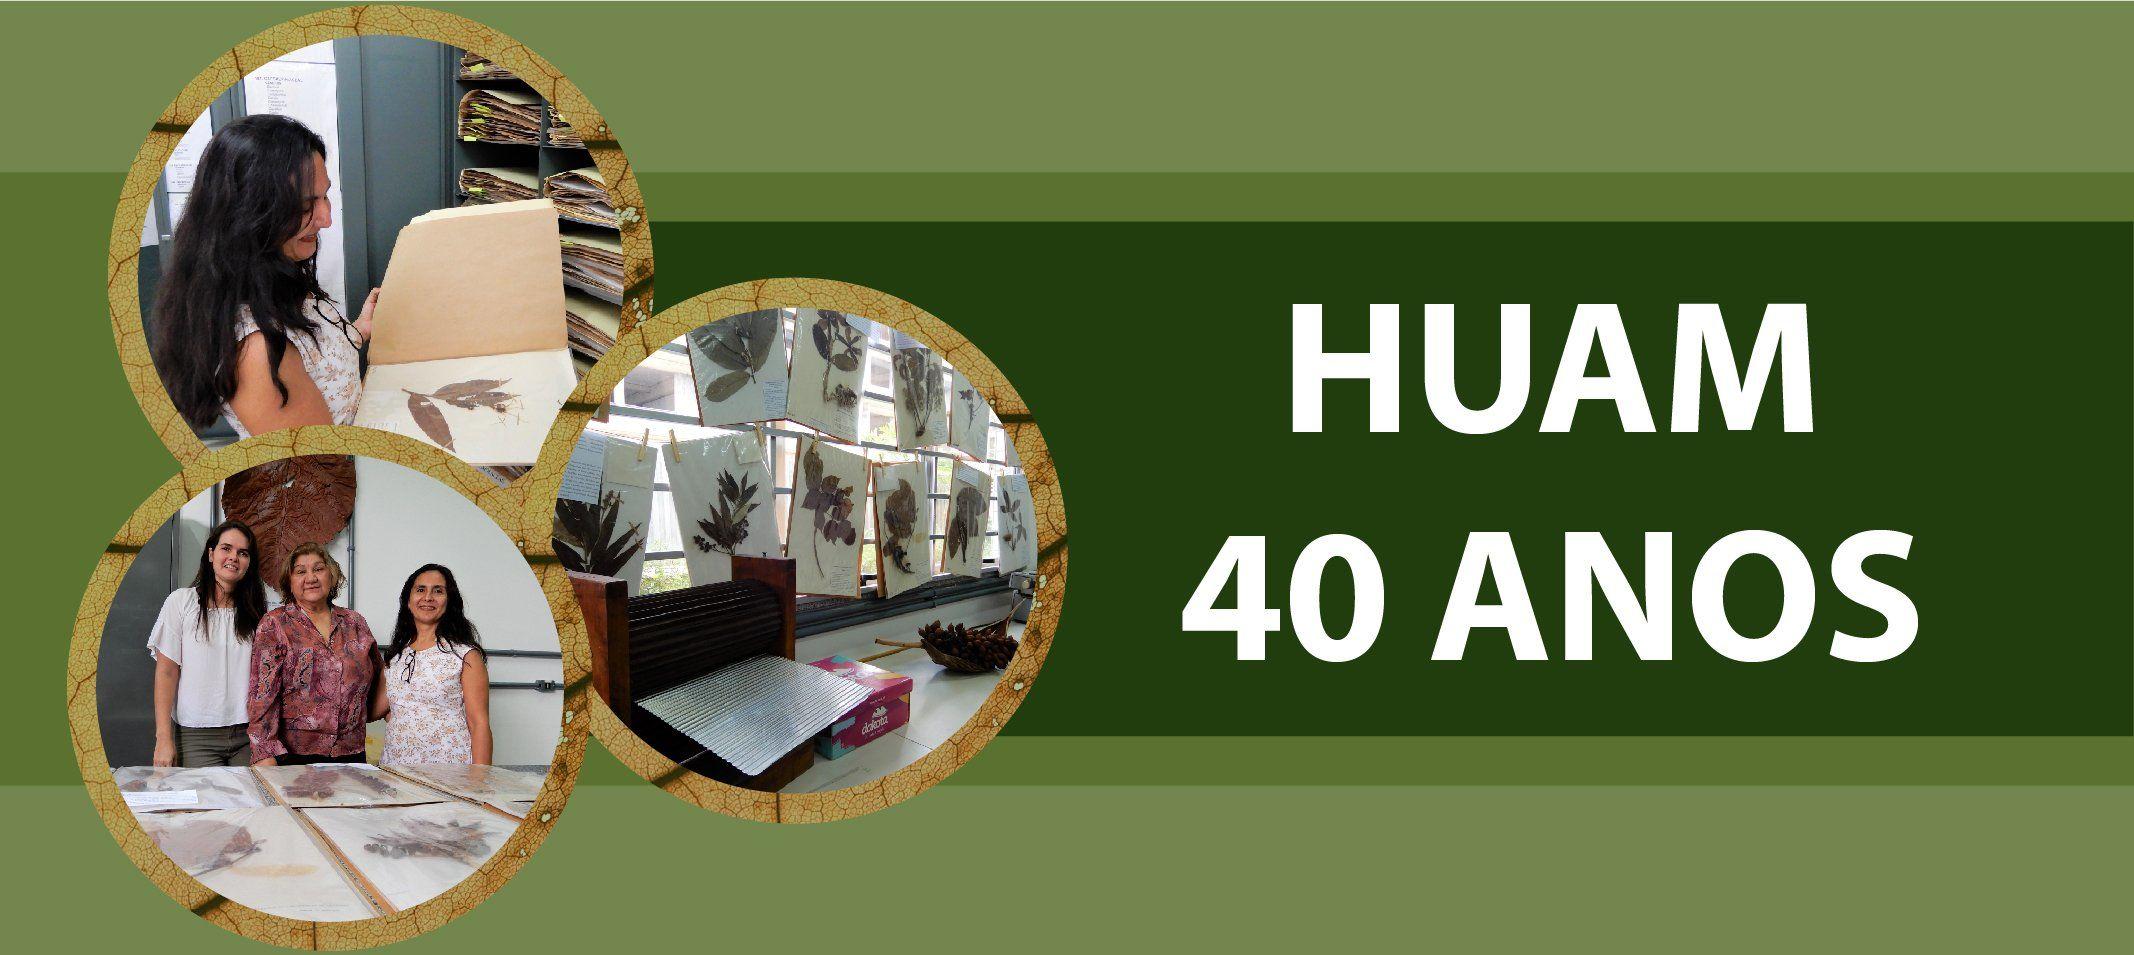 Herbário da Ufam comemora 40 anos